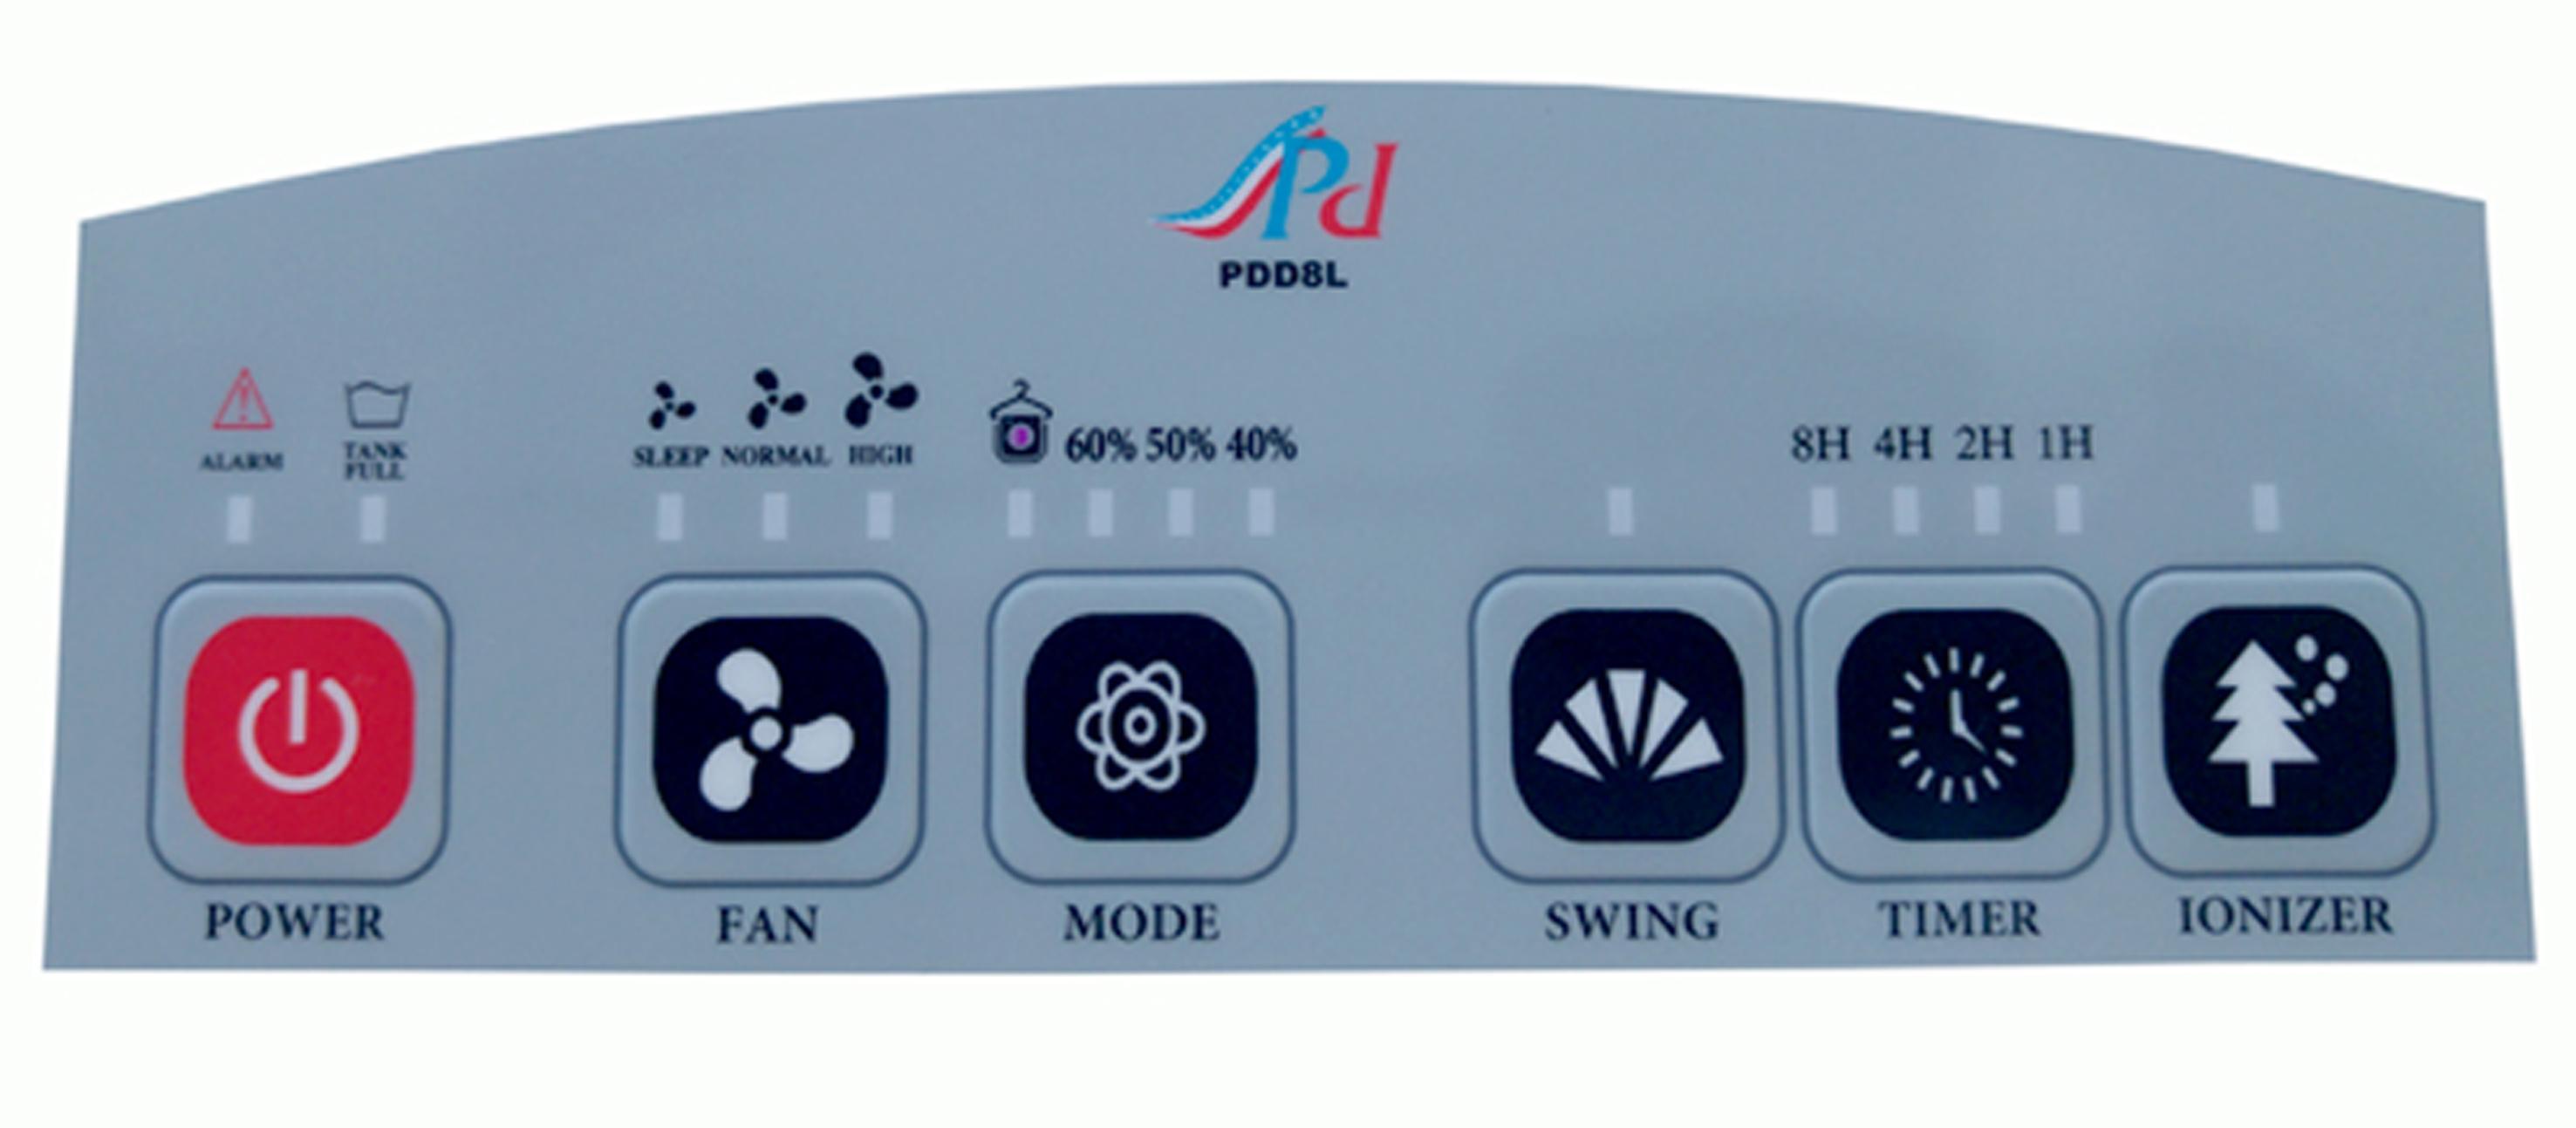 PDD8L-Screen